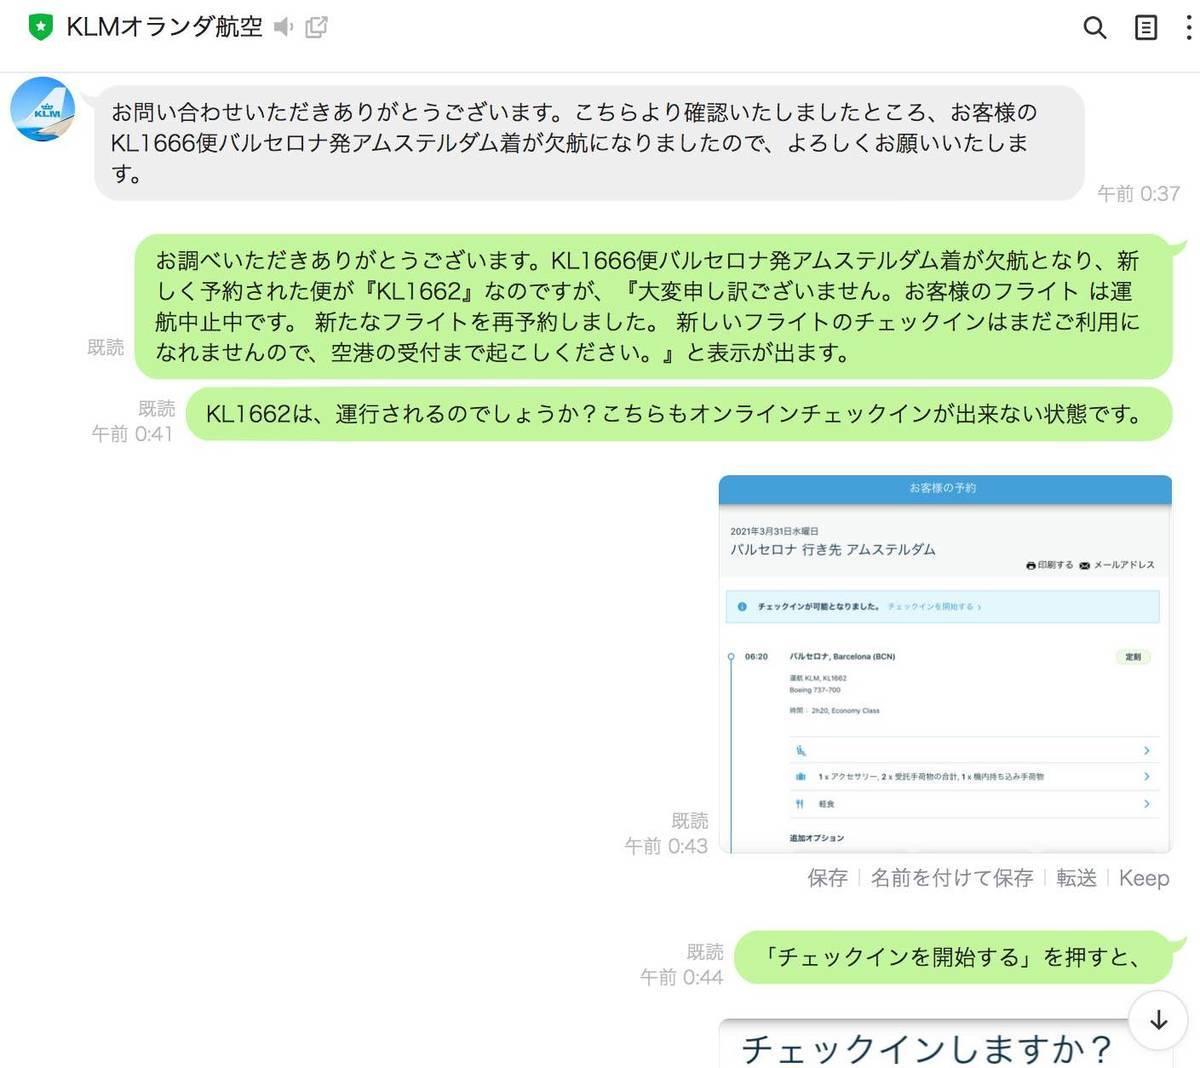 f:id:kaedetaniyoshi:20210401055210j:plain